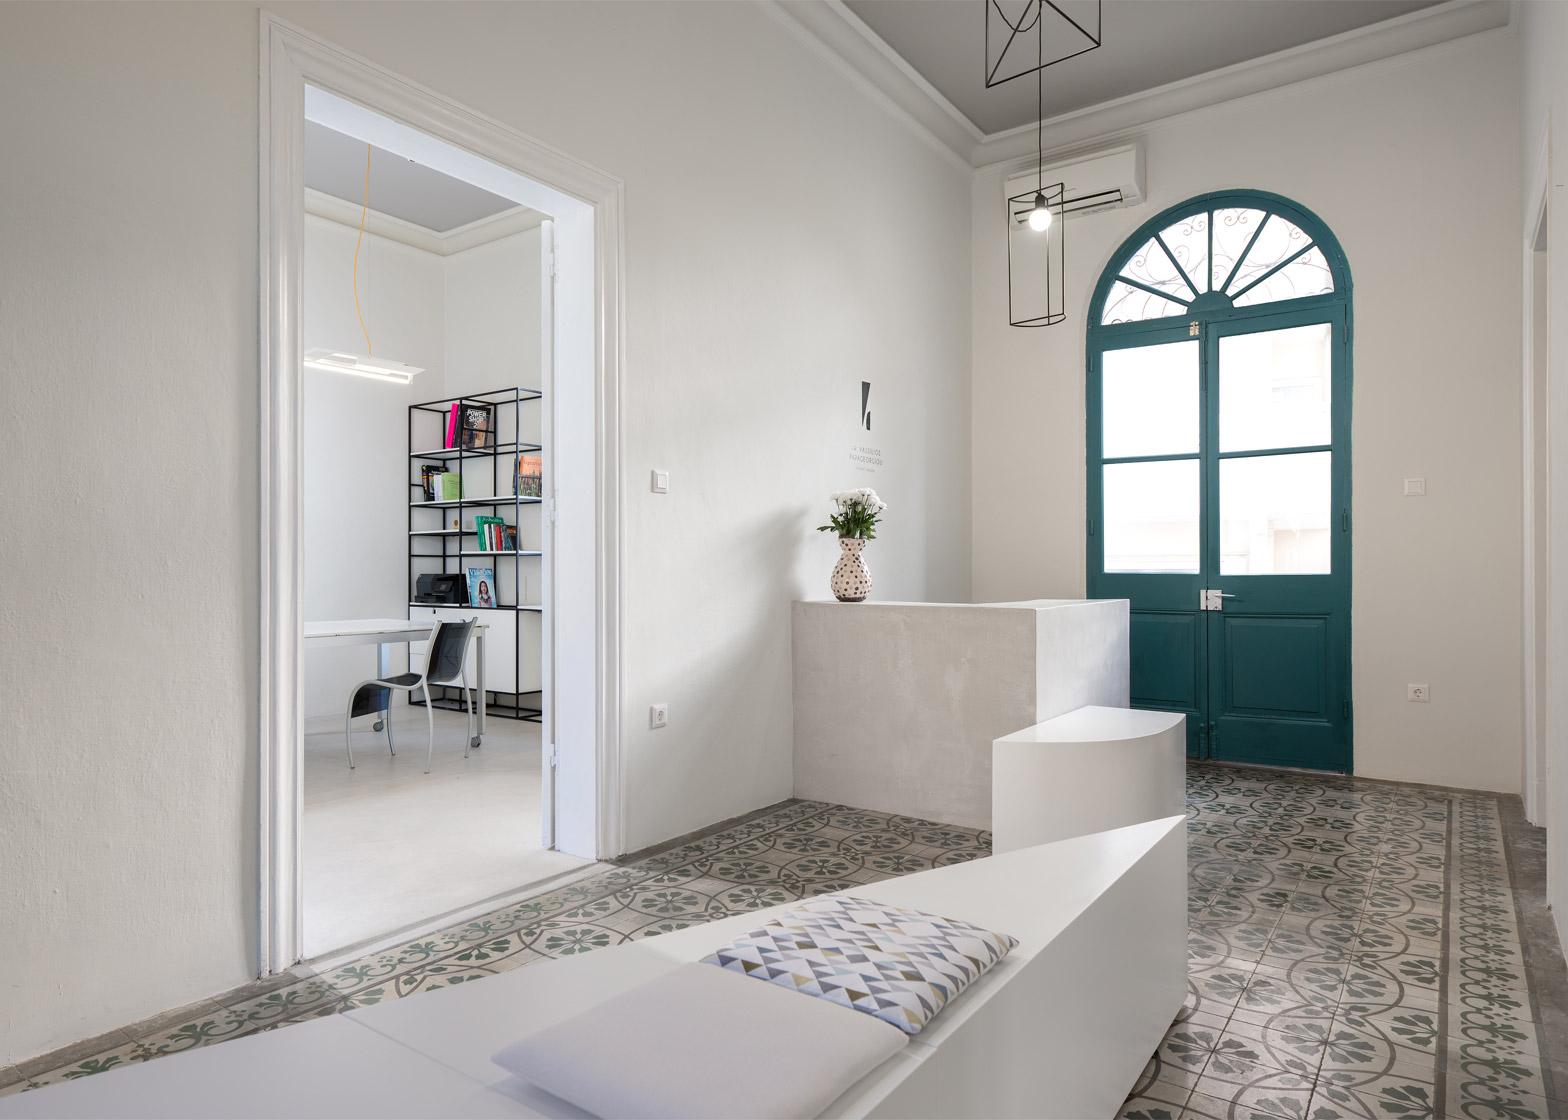 dARCHstudio designs plastic surgery practice in Greece